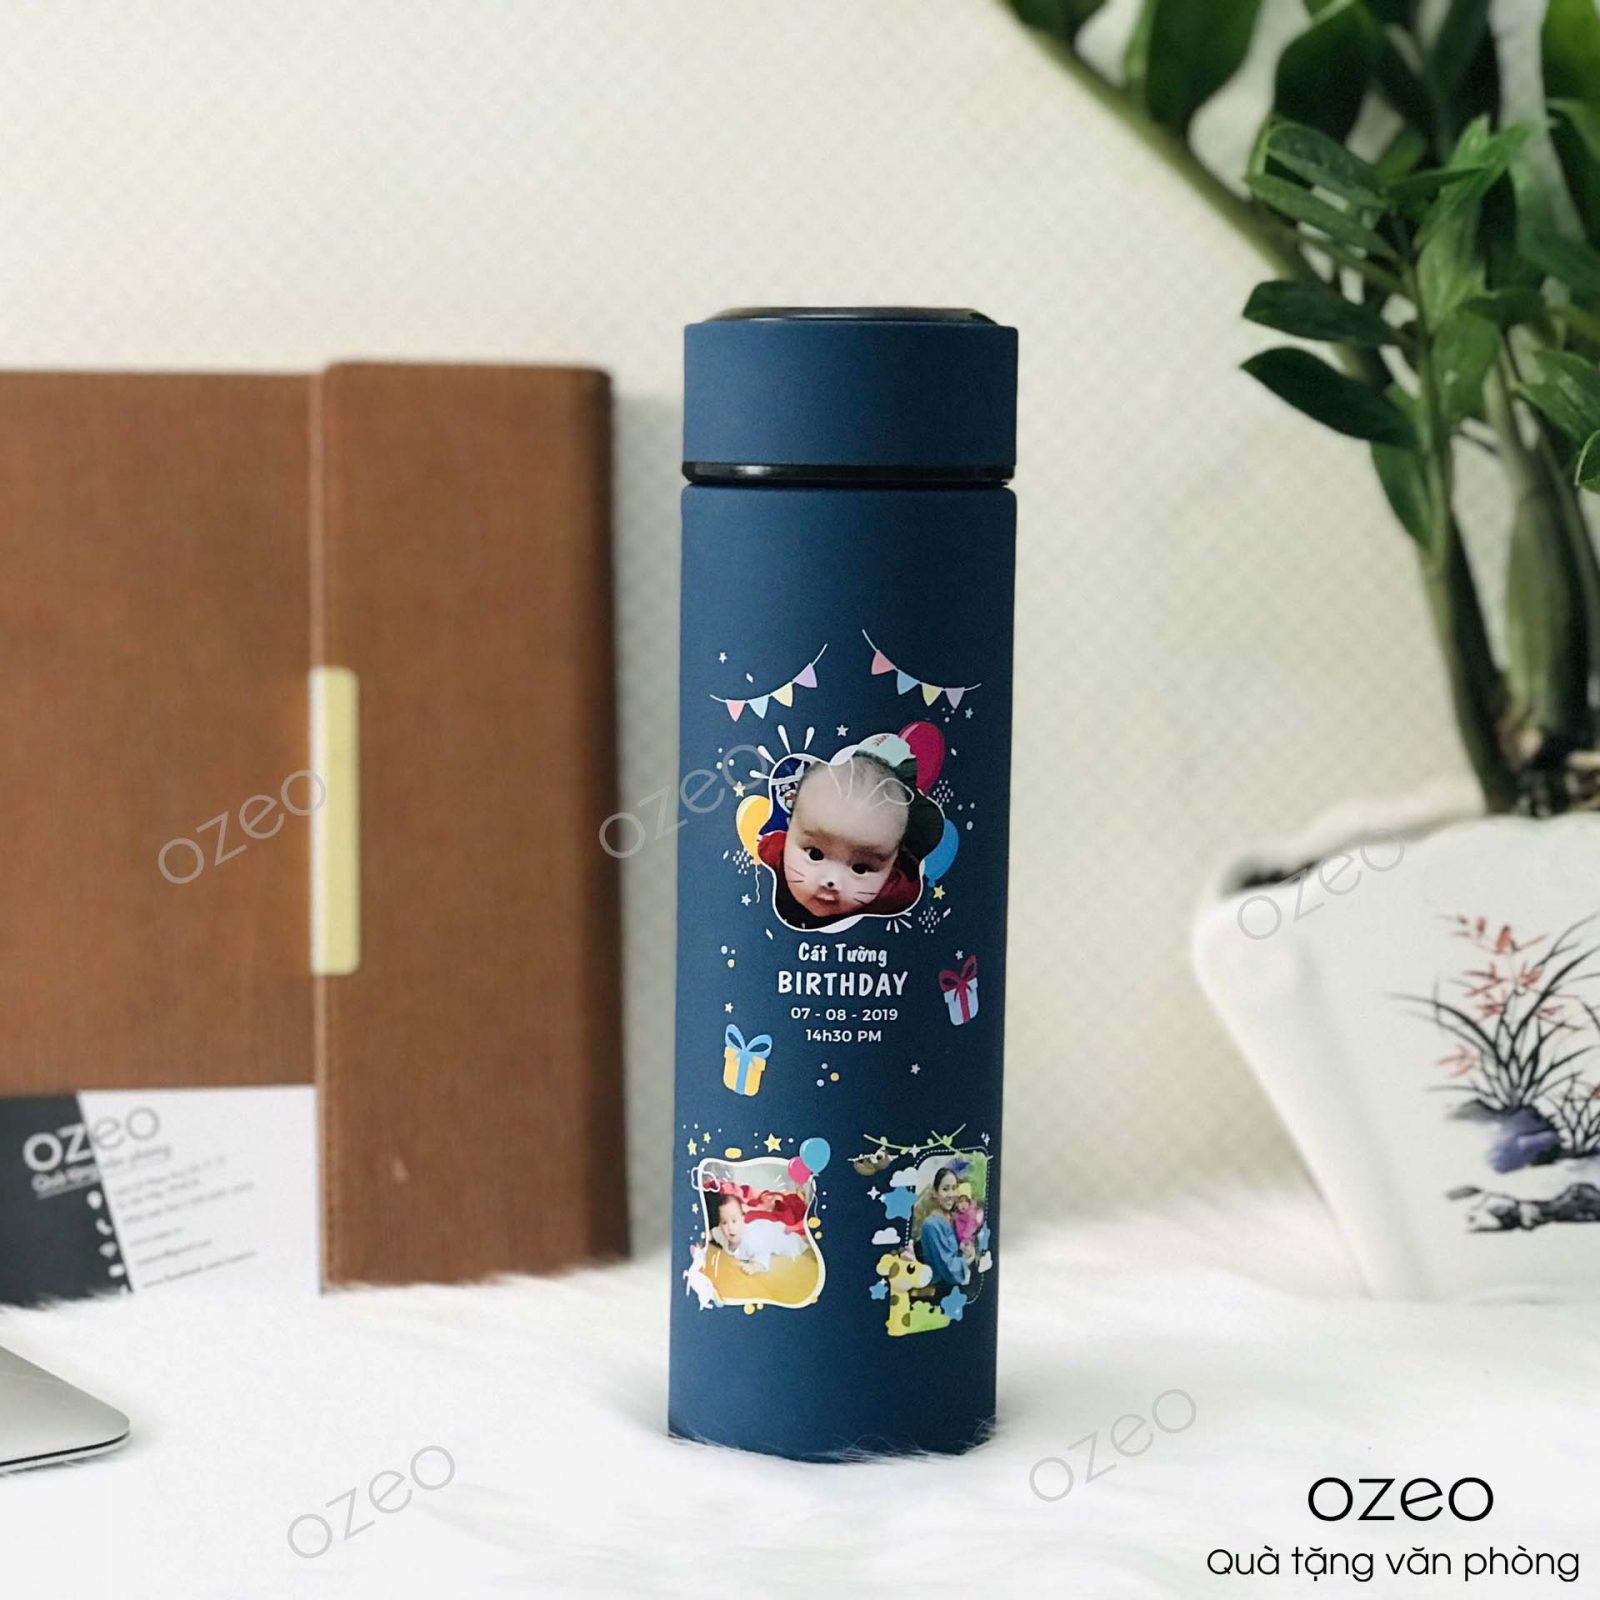 Bình giữ nhiệt GN01XD màu xanh dương in hình người thân làm quà lưu niệm